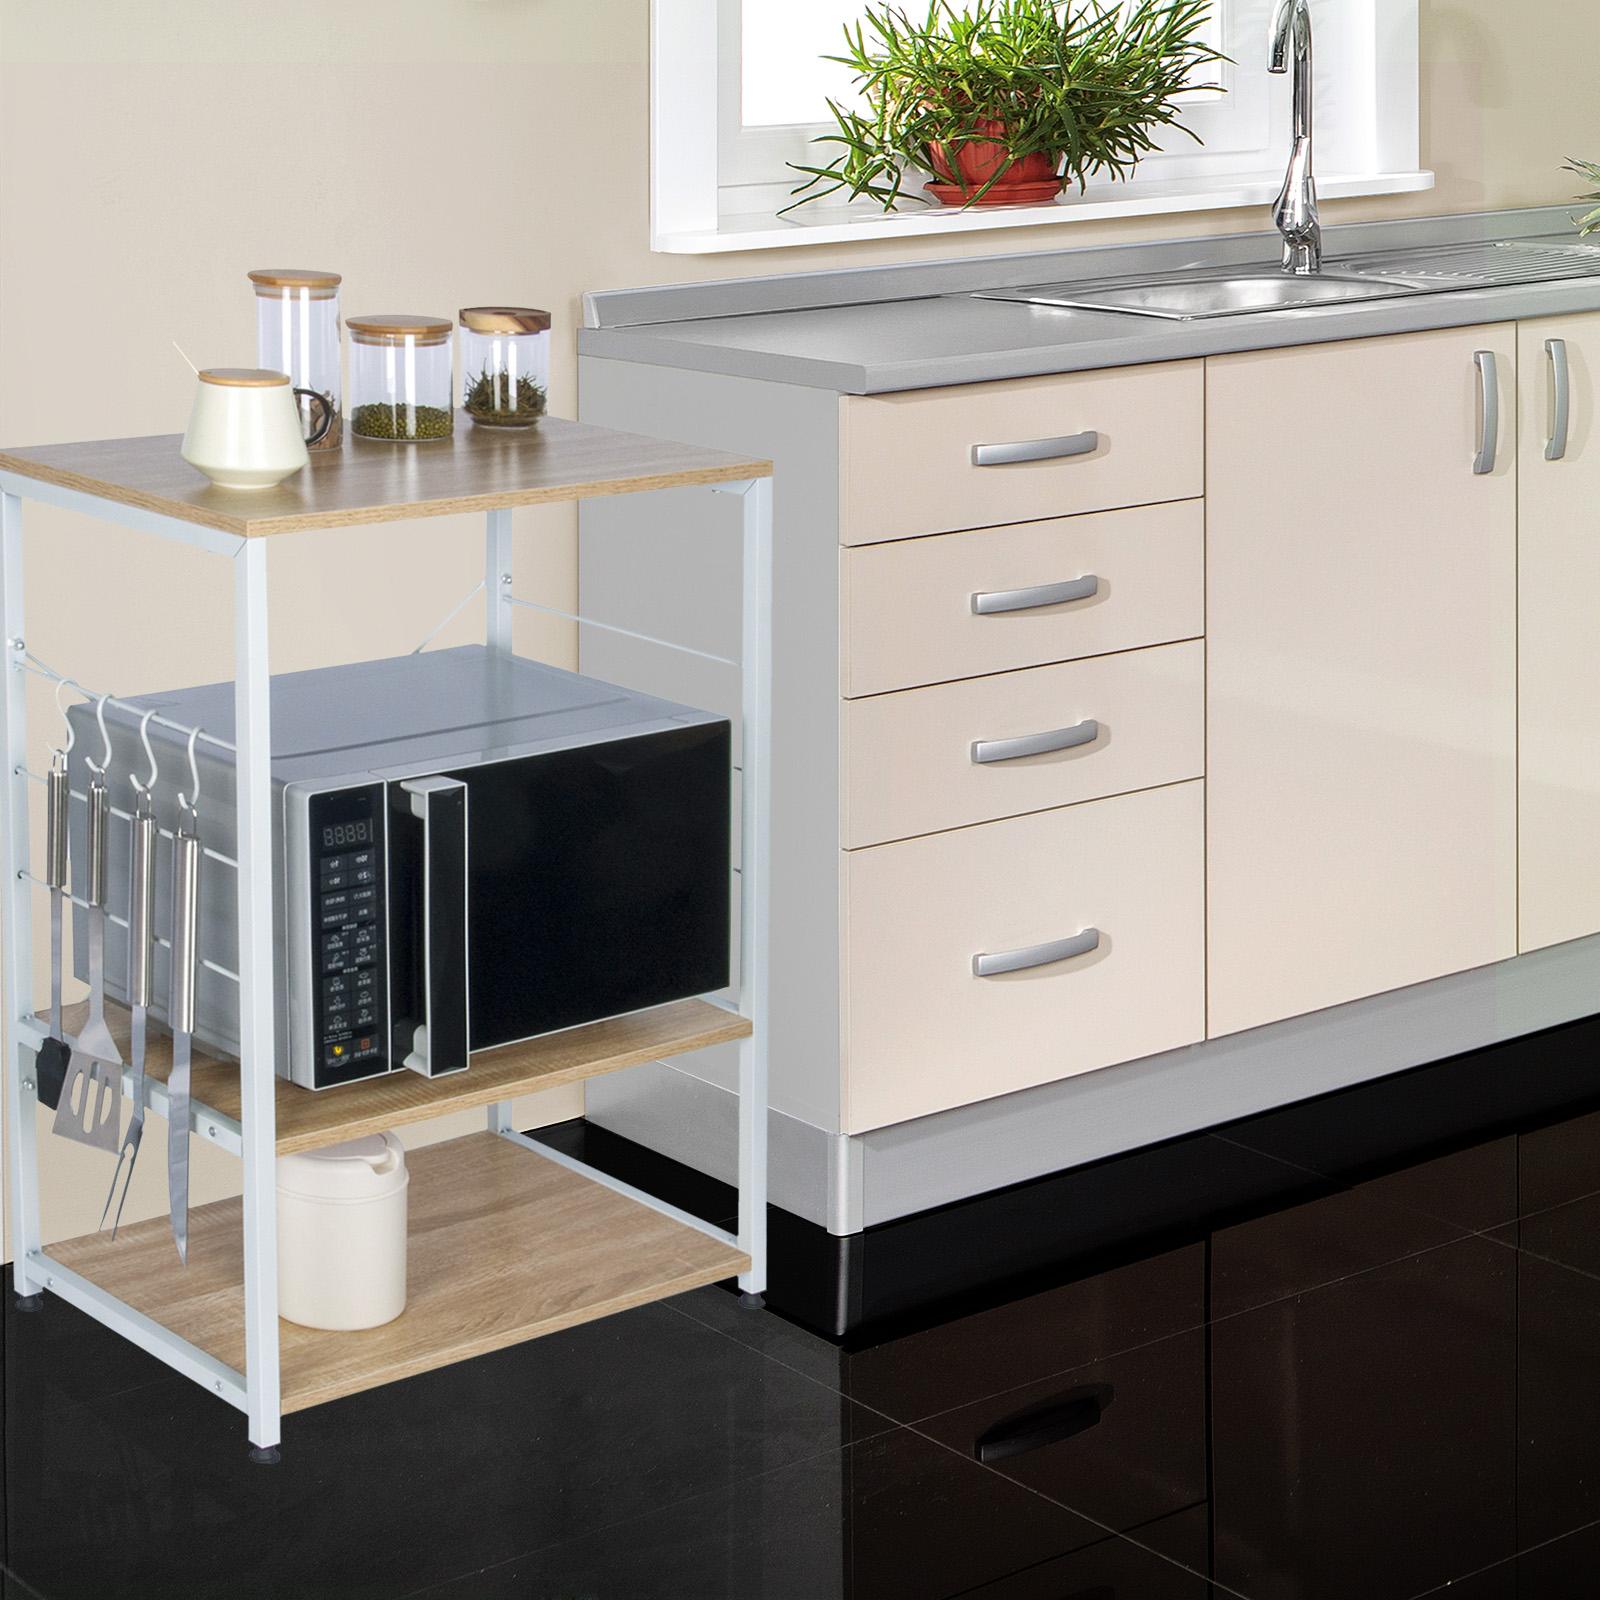 Etagere Dessus Micro Onde détails sur Étagère de cuisine Étagère de micro-ondes en métal et bois  60x39x74cm rgb9309hei